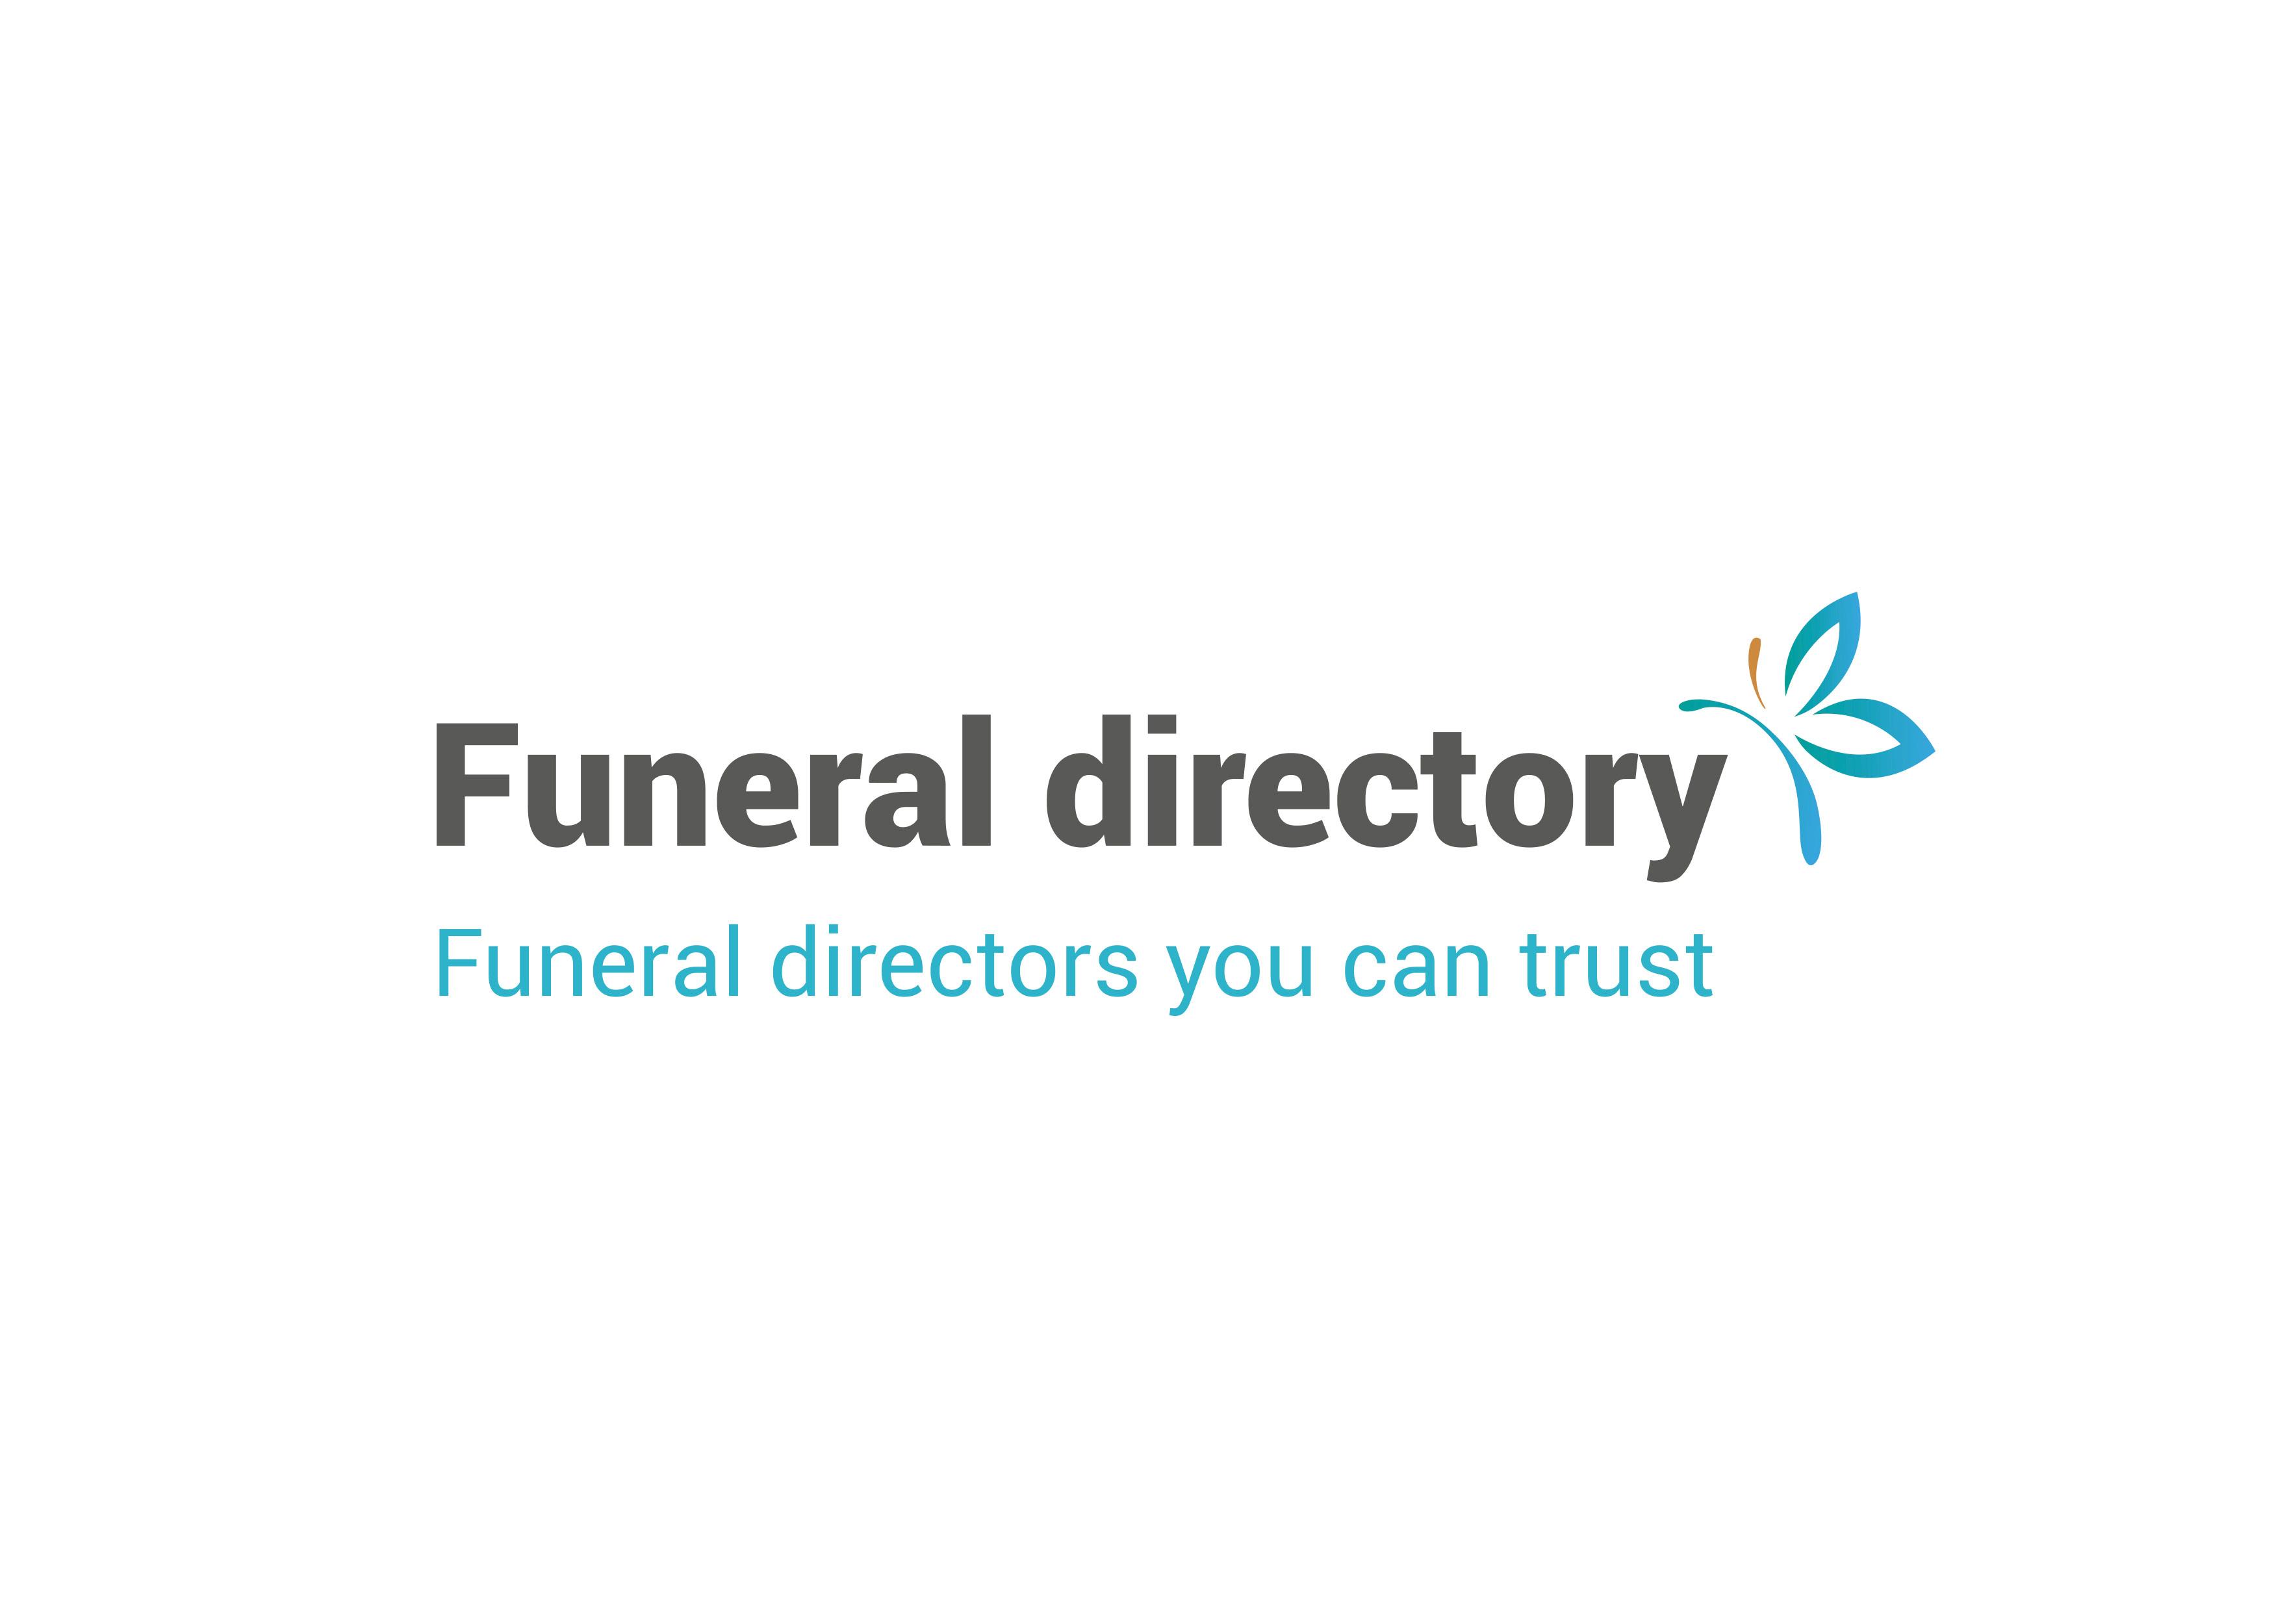 funeral directory branding